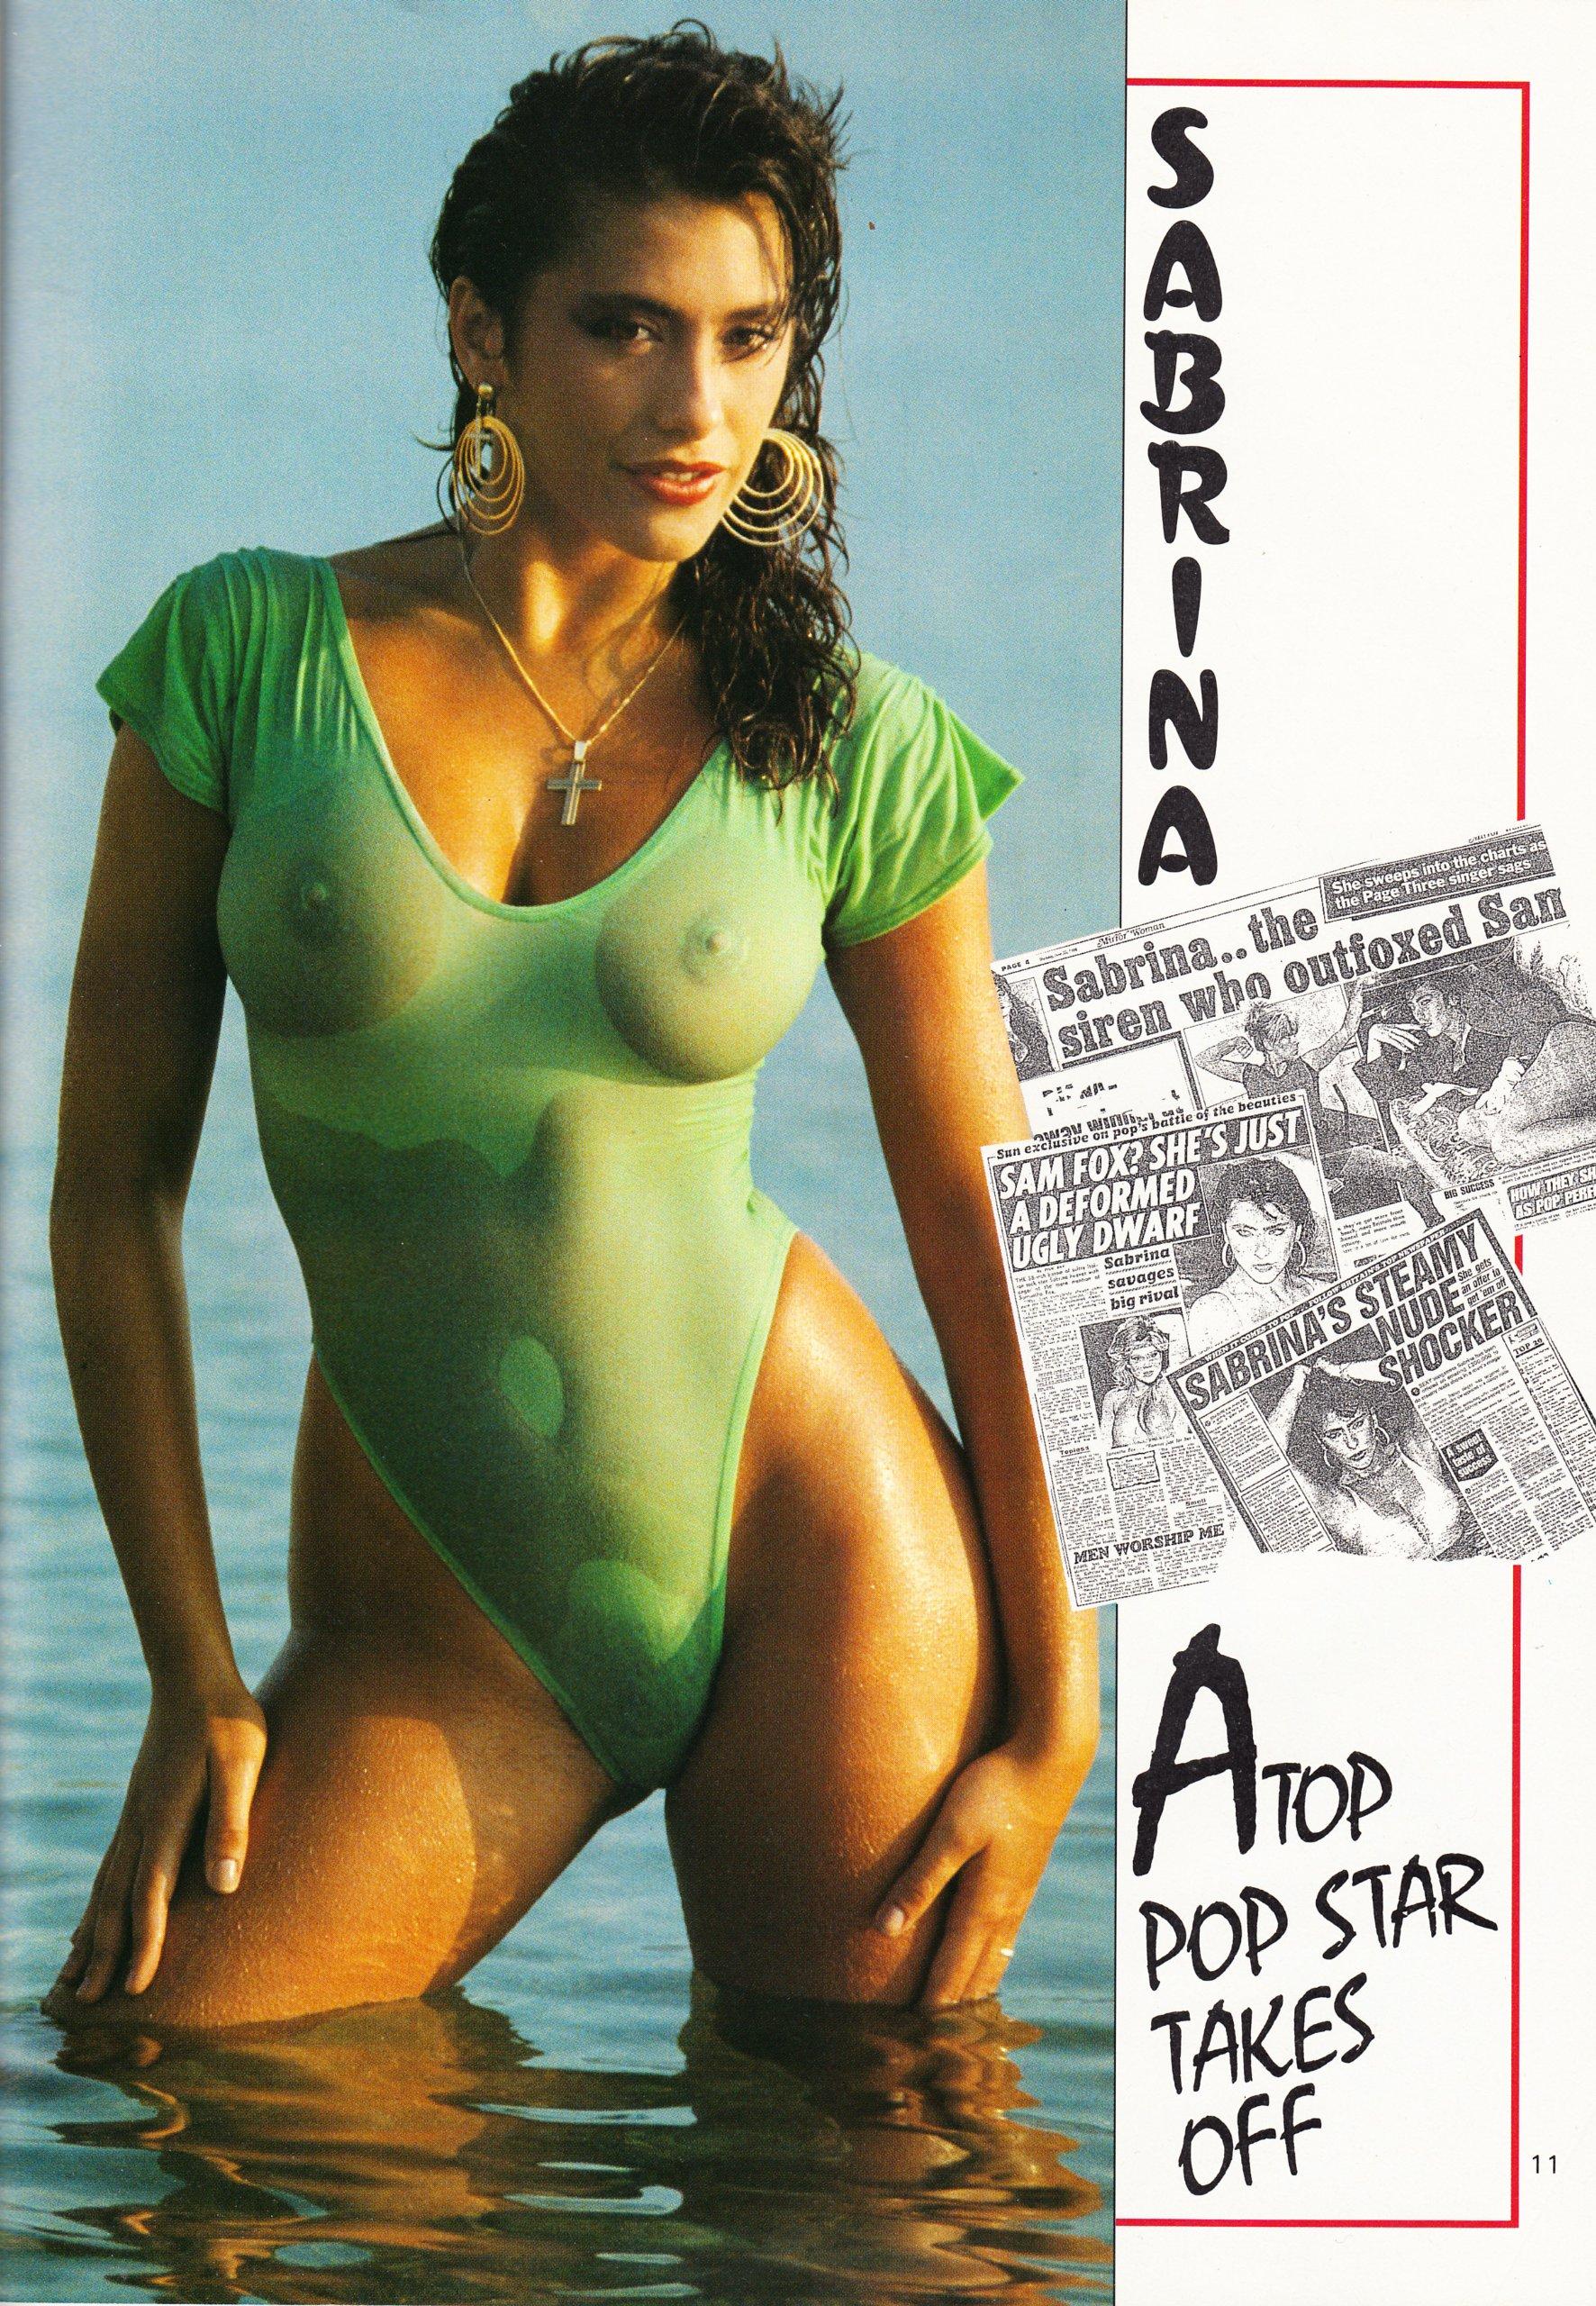 Mayfair Magazine Volume 23 Number 8 Sabrina Amazoncouk Books